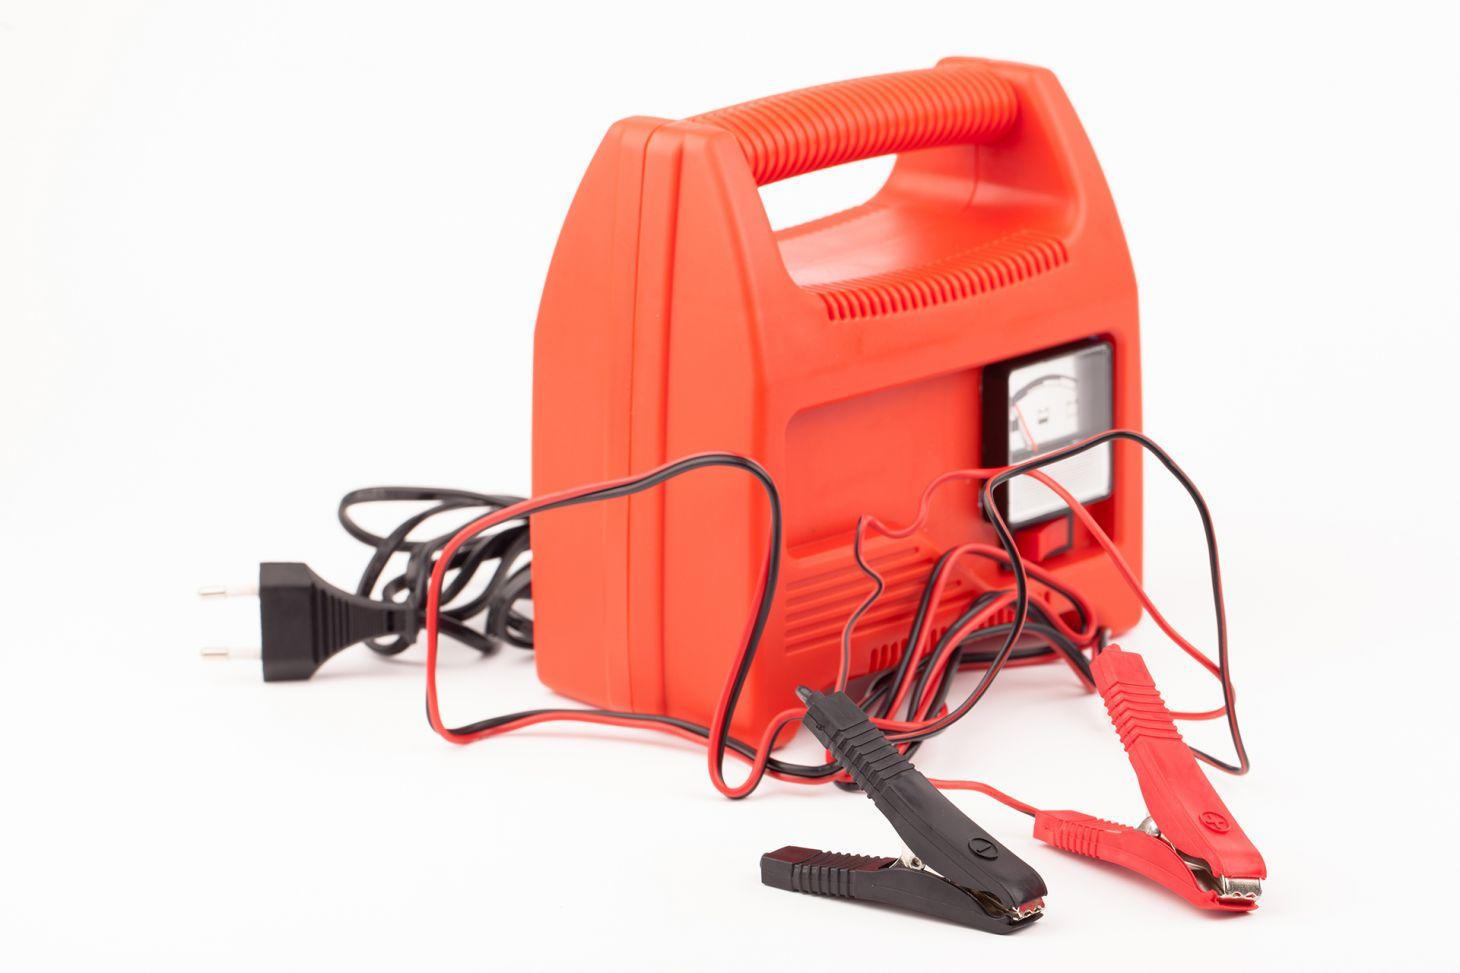 carregador de bateria de carro portatil vermelho sem marca com cabos para ligar na tomada e na bateria